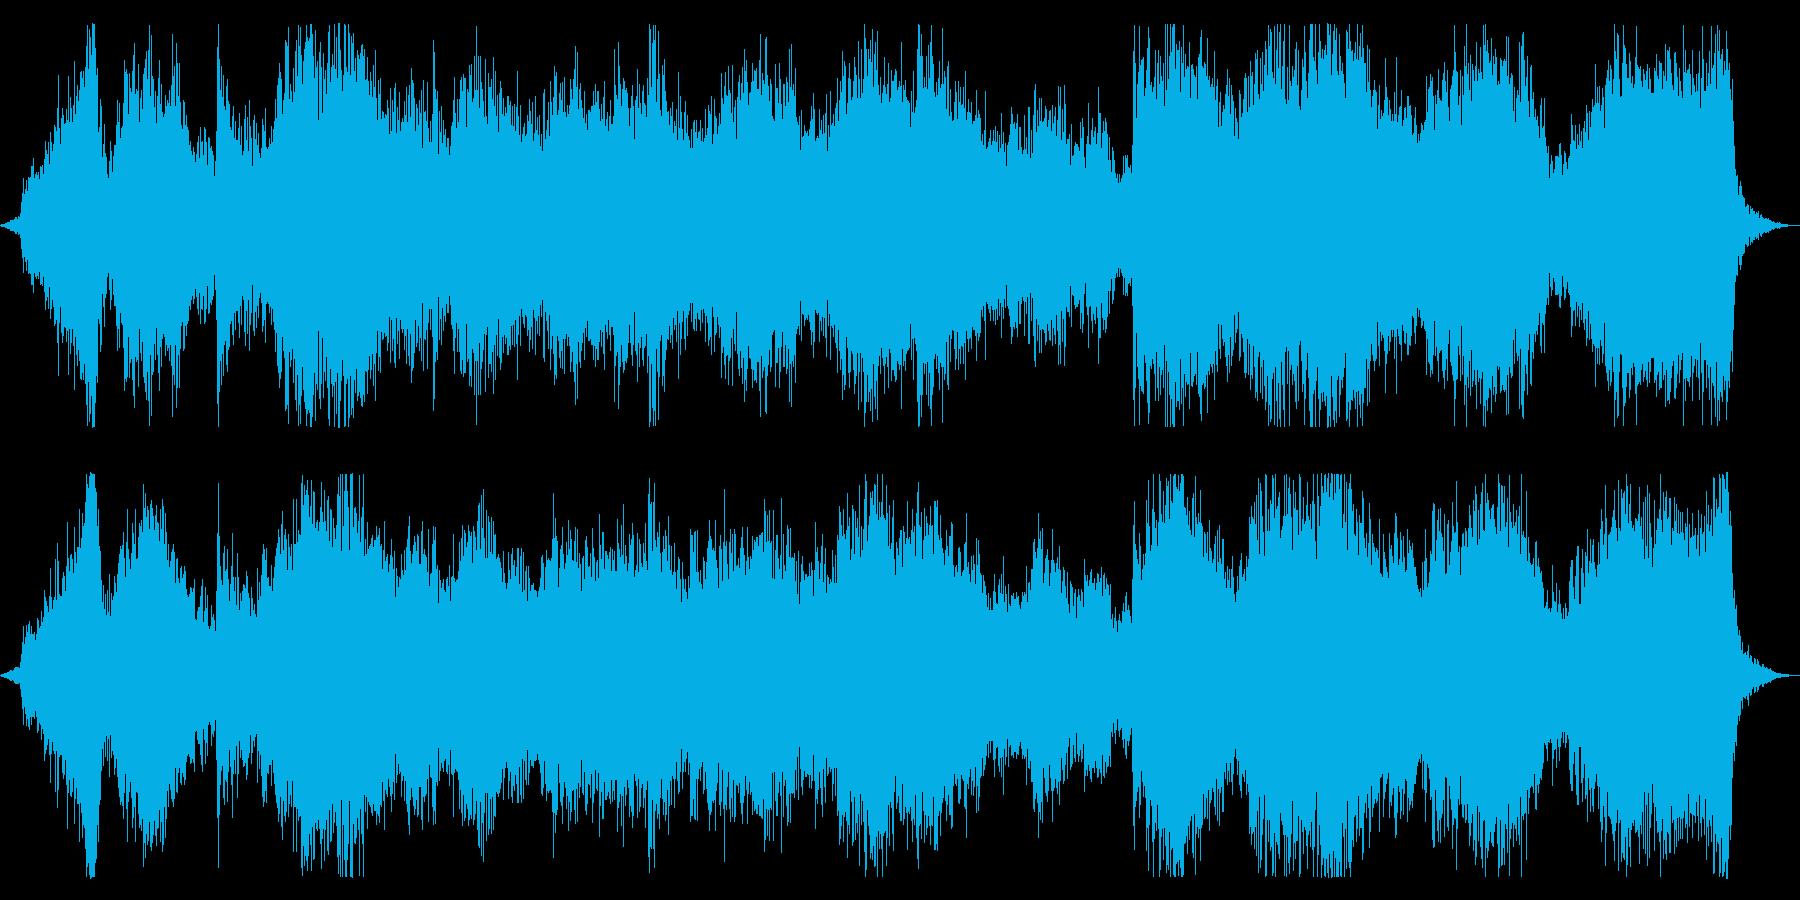 恐怖感を演出するダークアンビエントの再生済みの波形